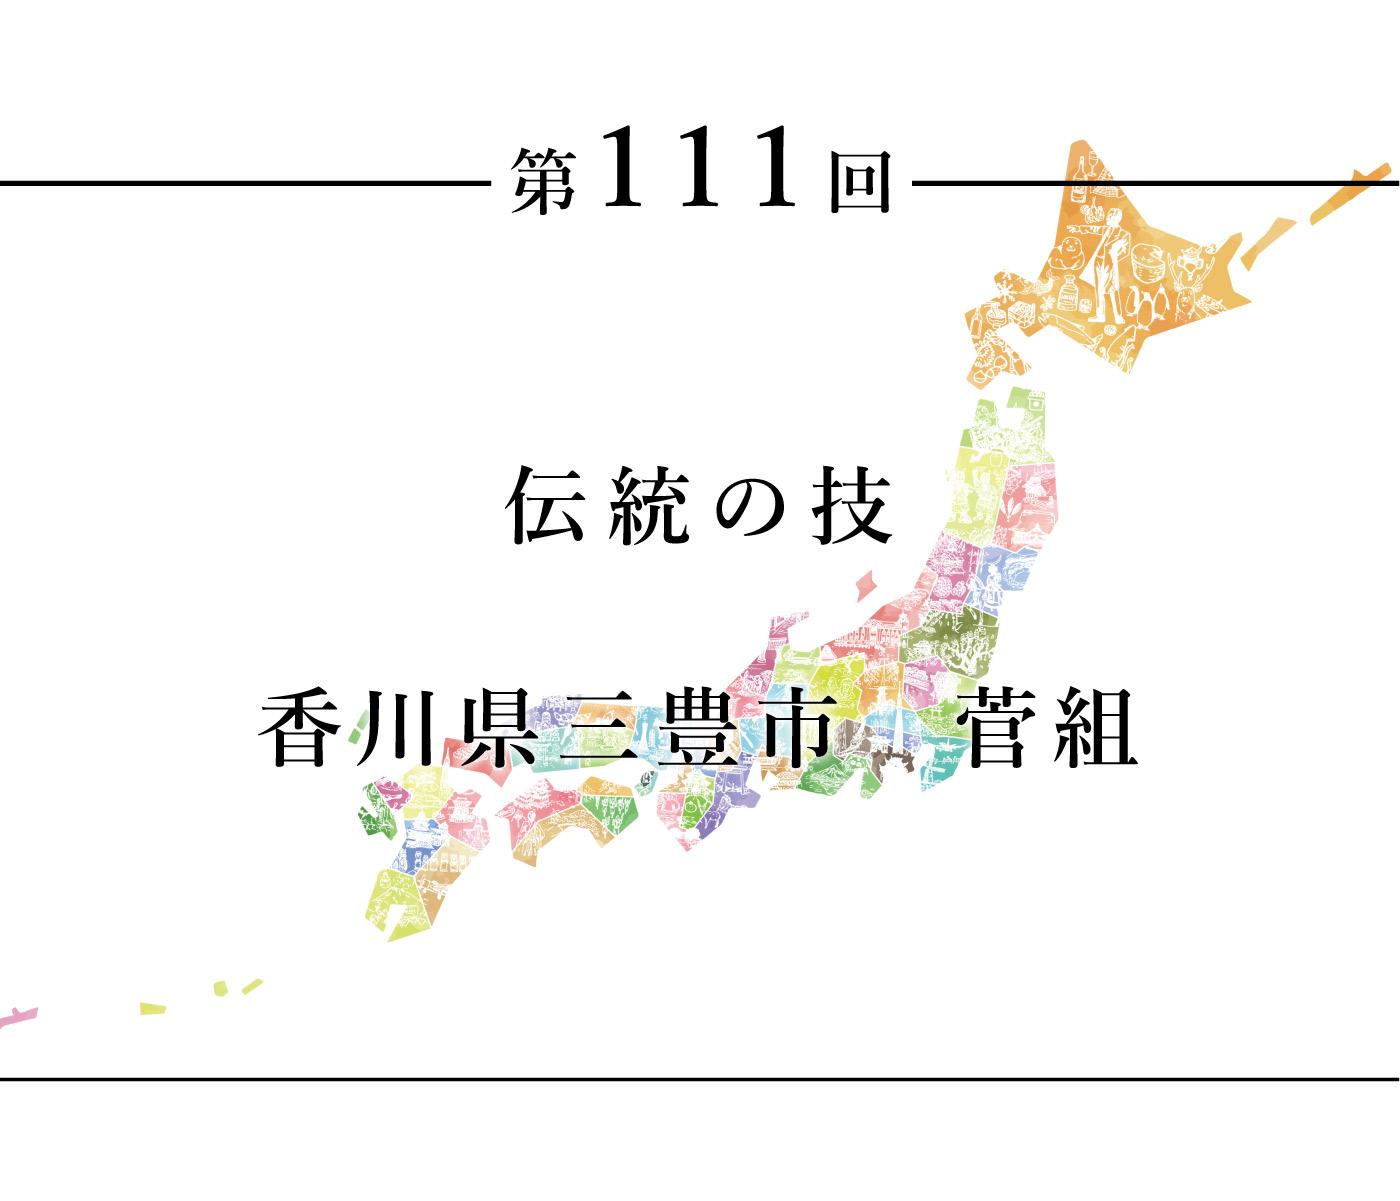 ちいきのたより第111回伝統の技香川県三豊市菅組